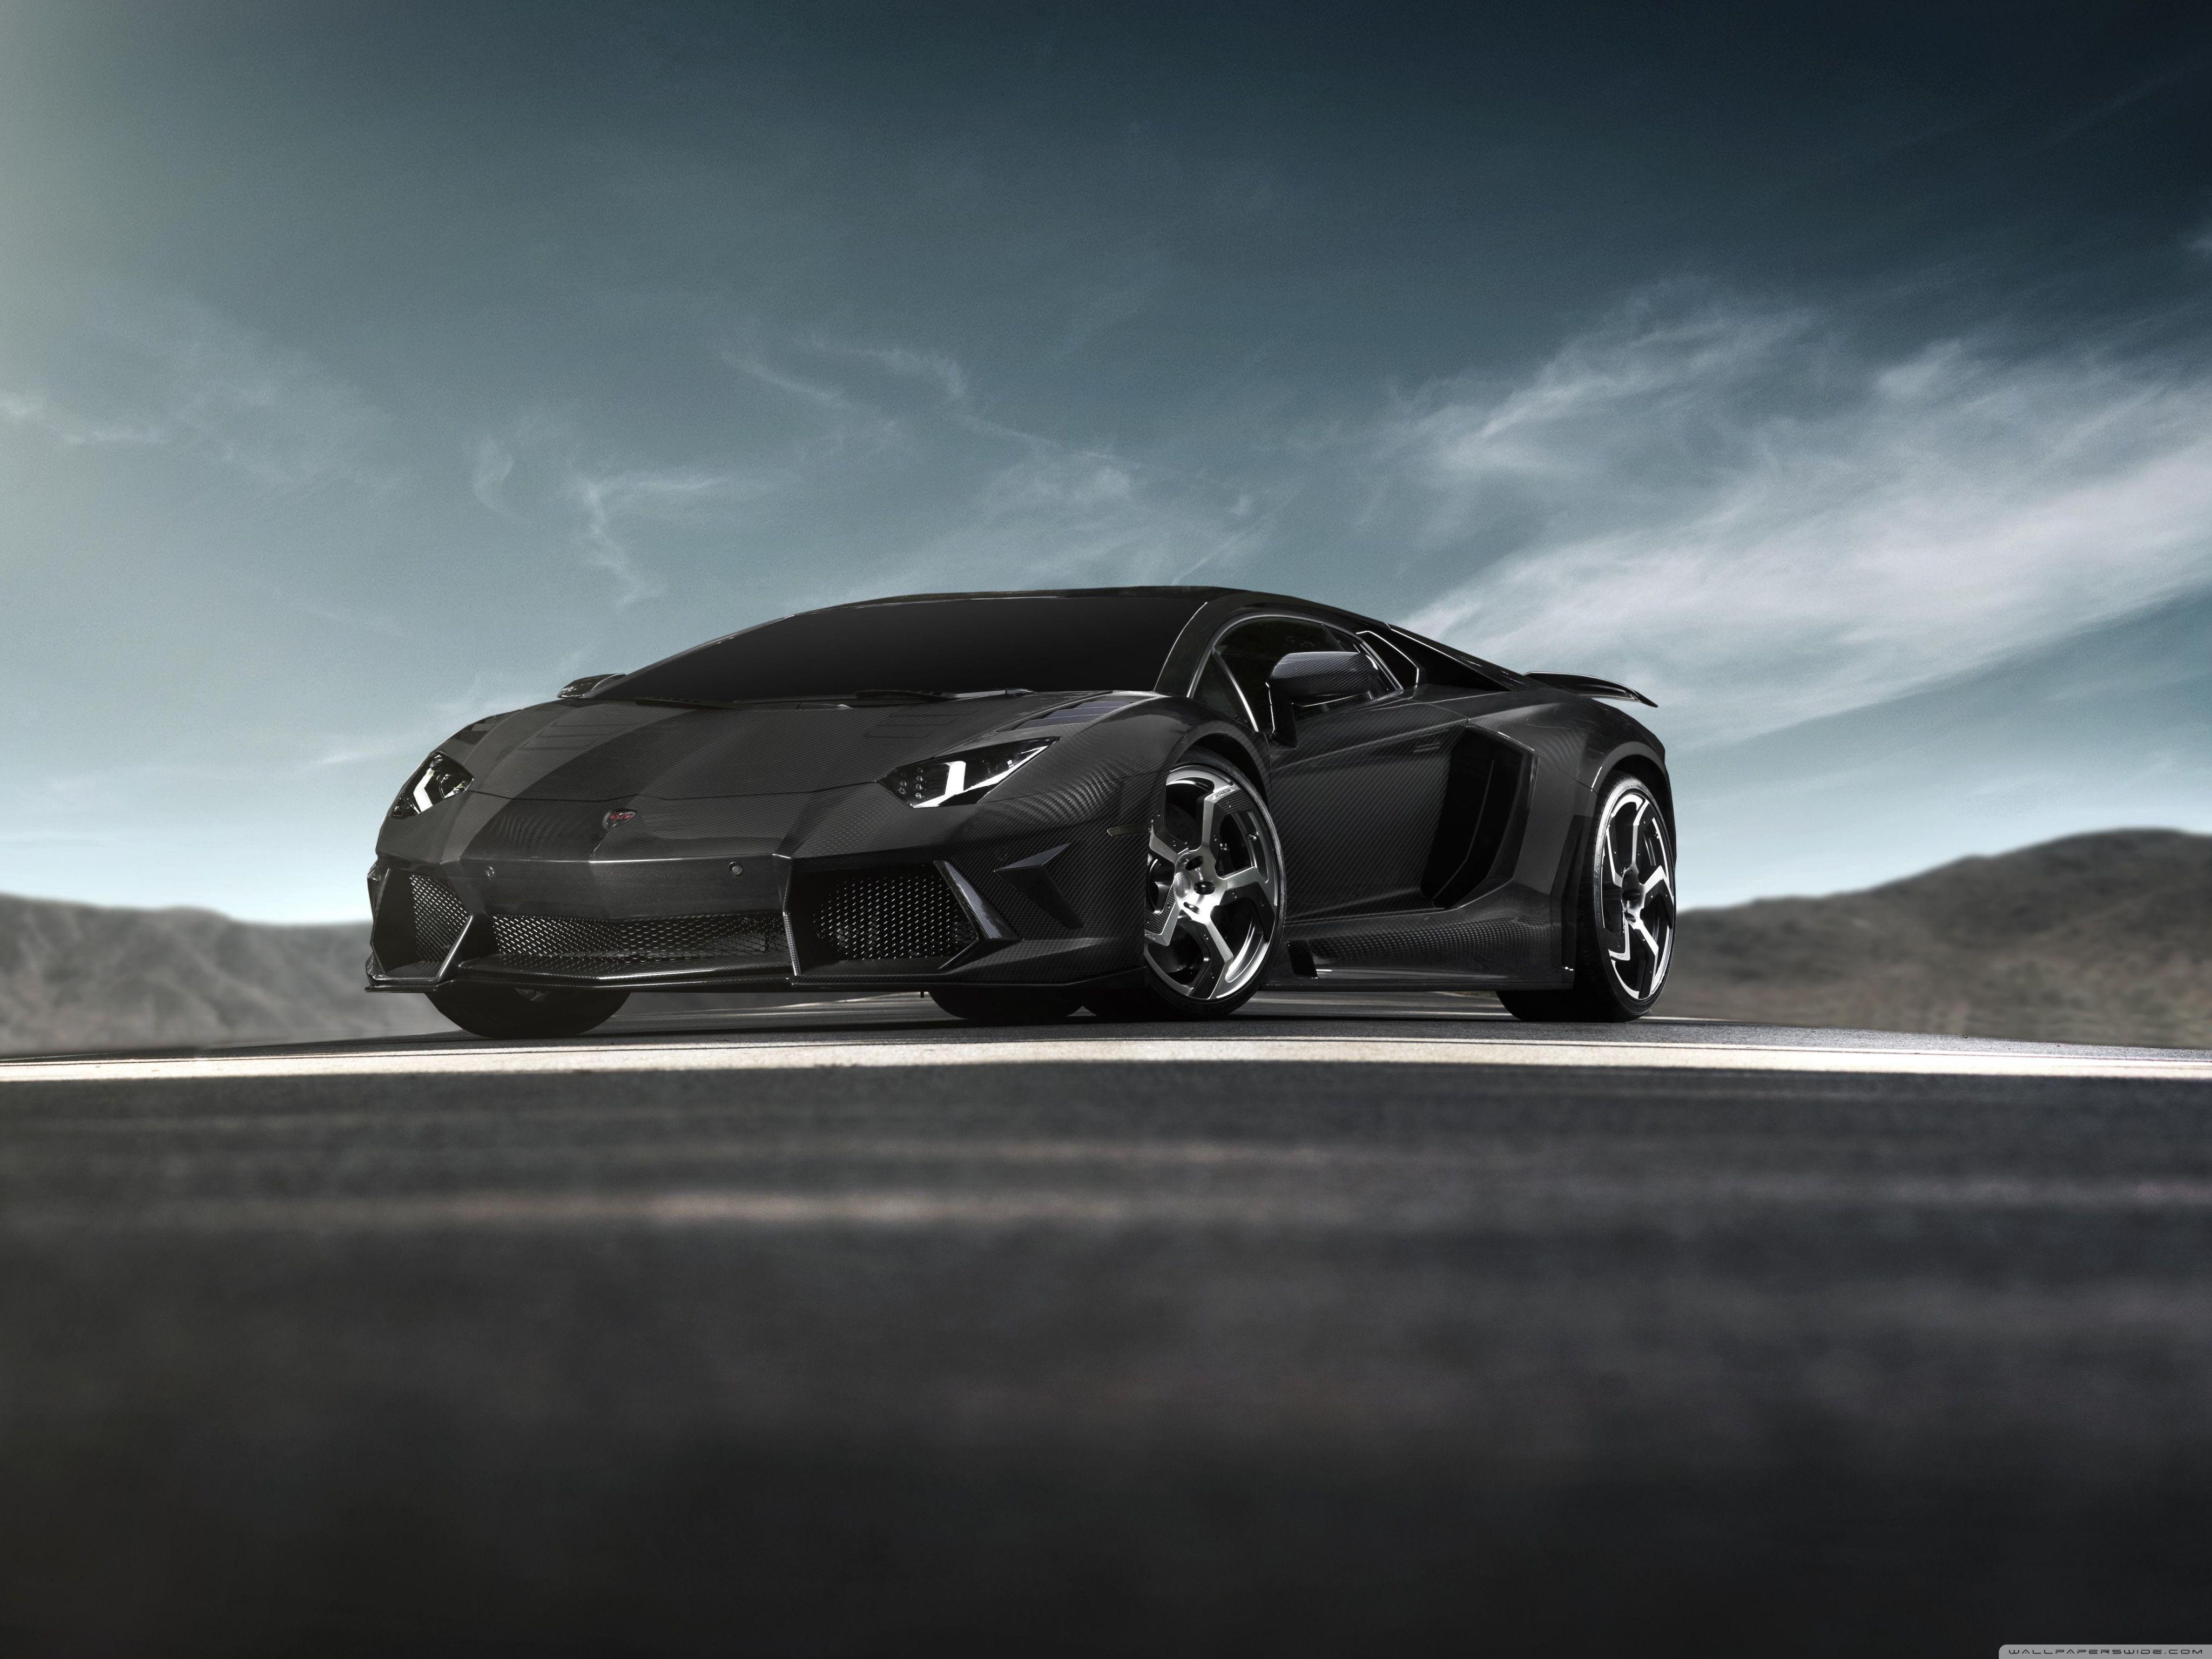 Black Lamborghini Hd Wallpapers Top Free Black Lamborghini Hd Backgrounds Wallpaperaccess